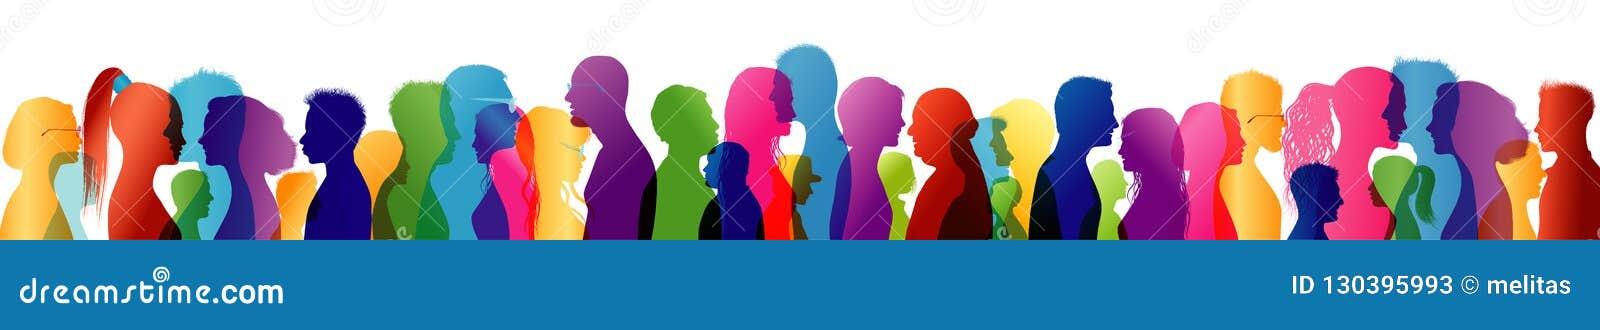 Conversazione della folla Gruppo di persone conversazione parli per comunicare Profili colorati della siluetta